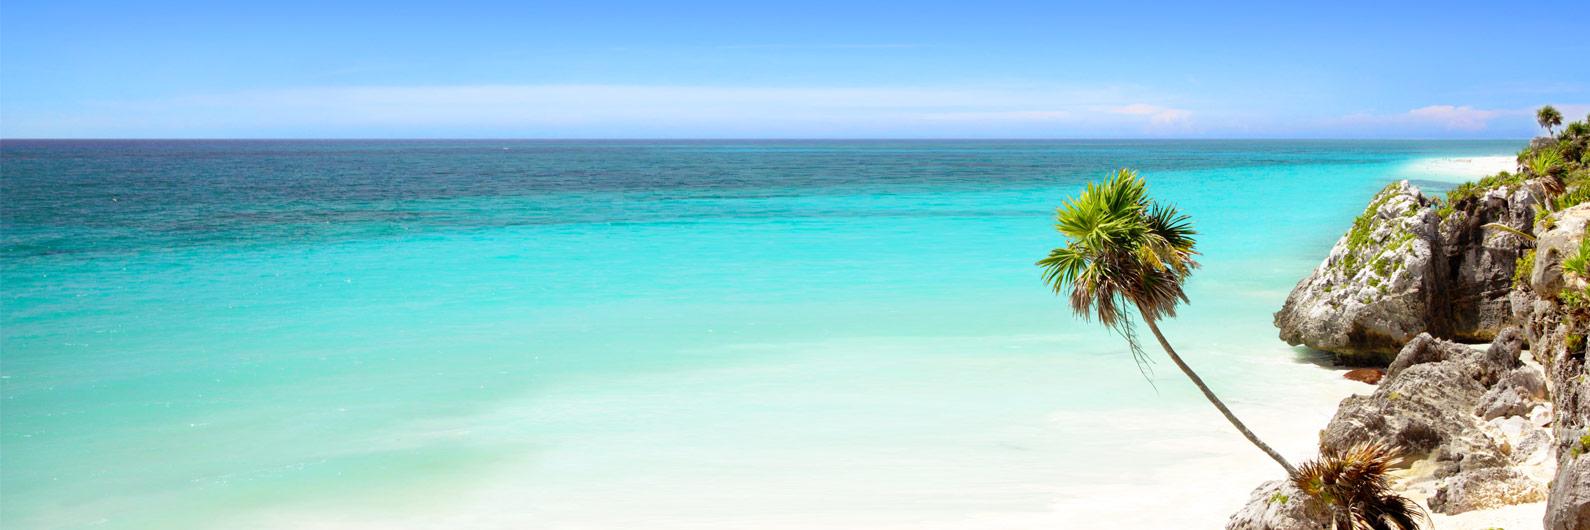 Estancias en Cancún (Caribe Premium VIP)